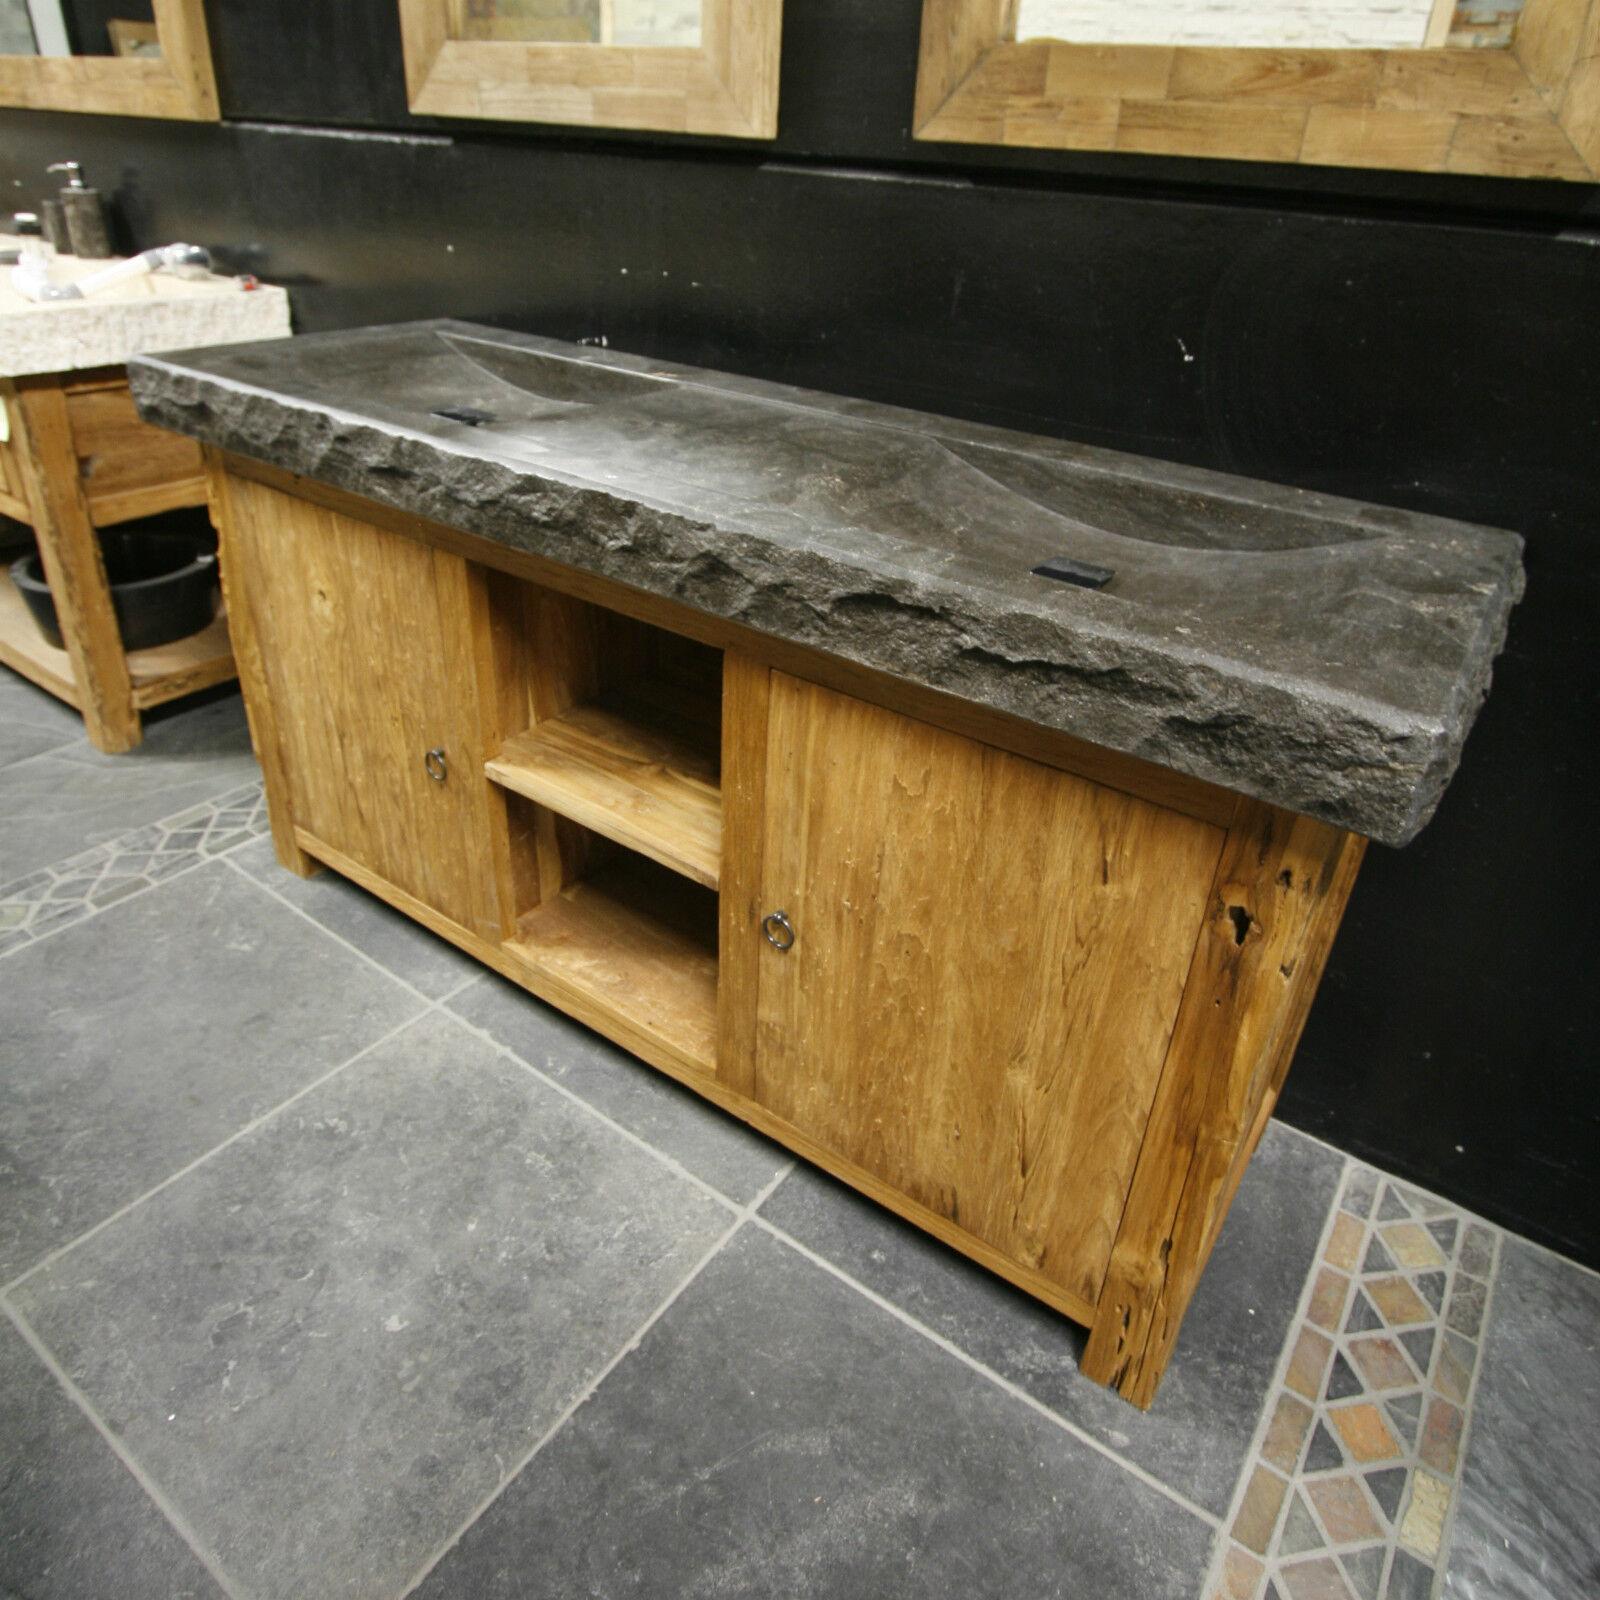 krakatoa badschrank waschtischunterschrank teak 170x55x78cm badm bel altholz eur. Black Bedroom Furniture Sets. Home Design Ideas